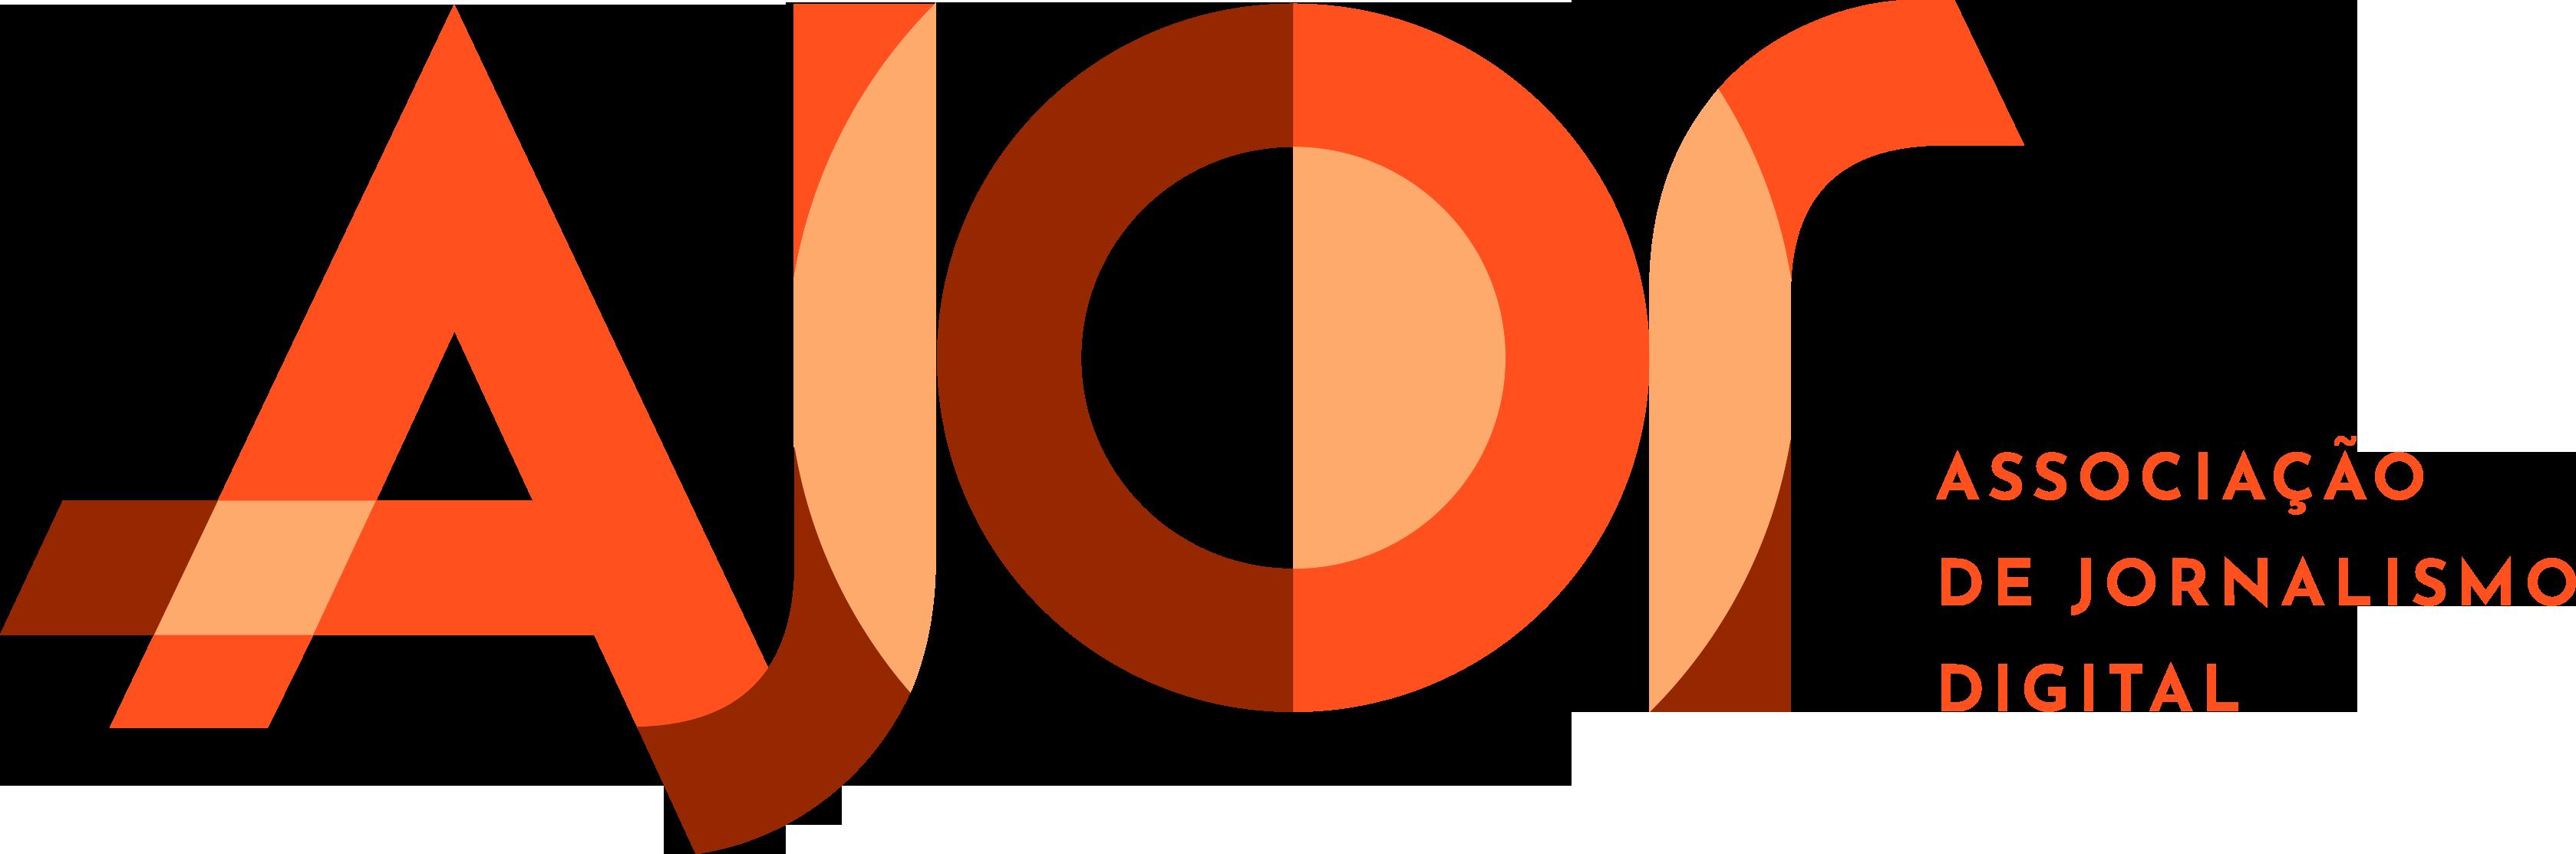 Associação de Jornalismo Digital é lançada no Brasil